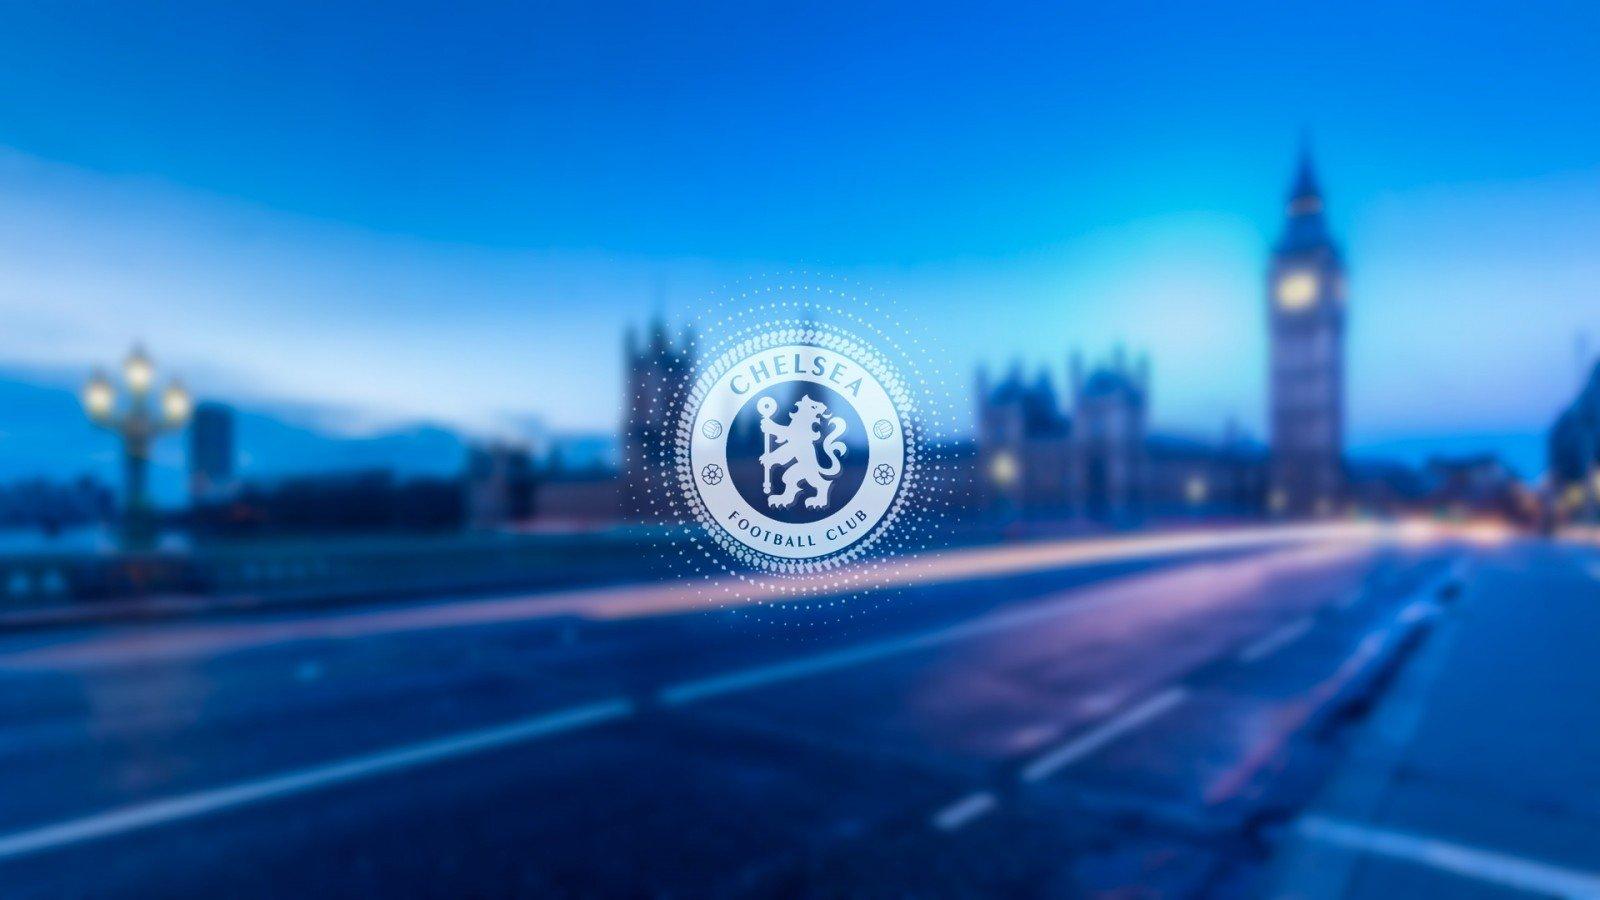 Chelsea FC Wallpaper 21   1600 X 900 stmednet 1600x900